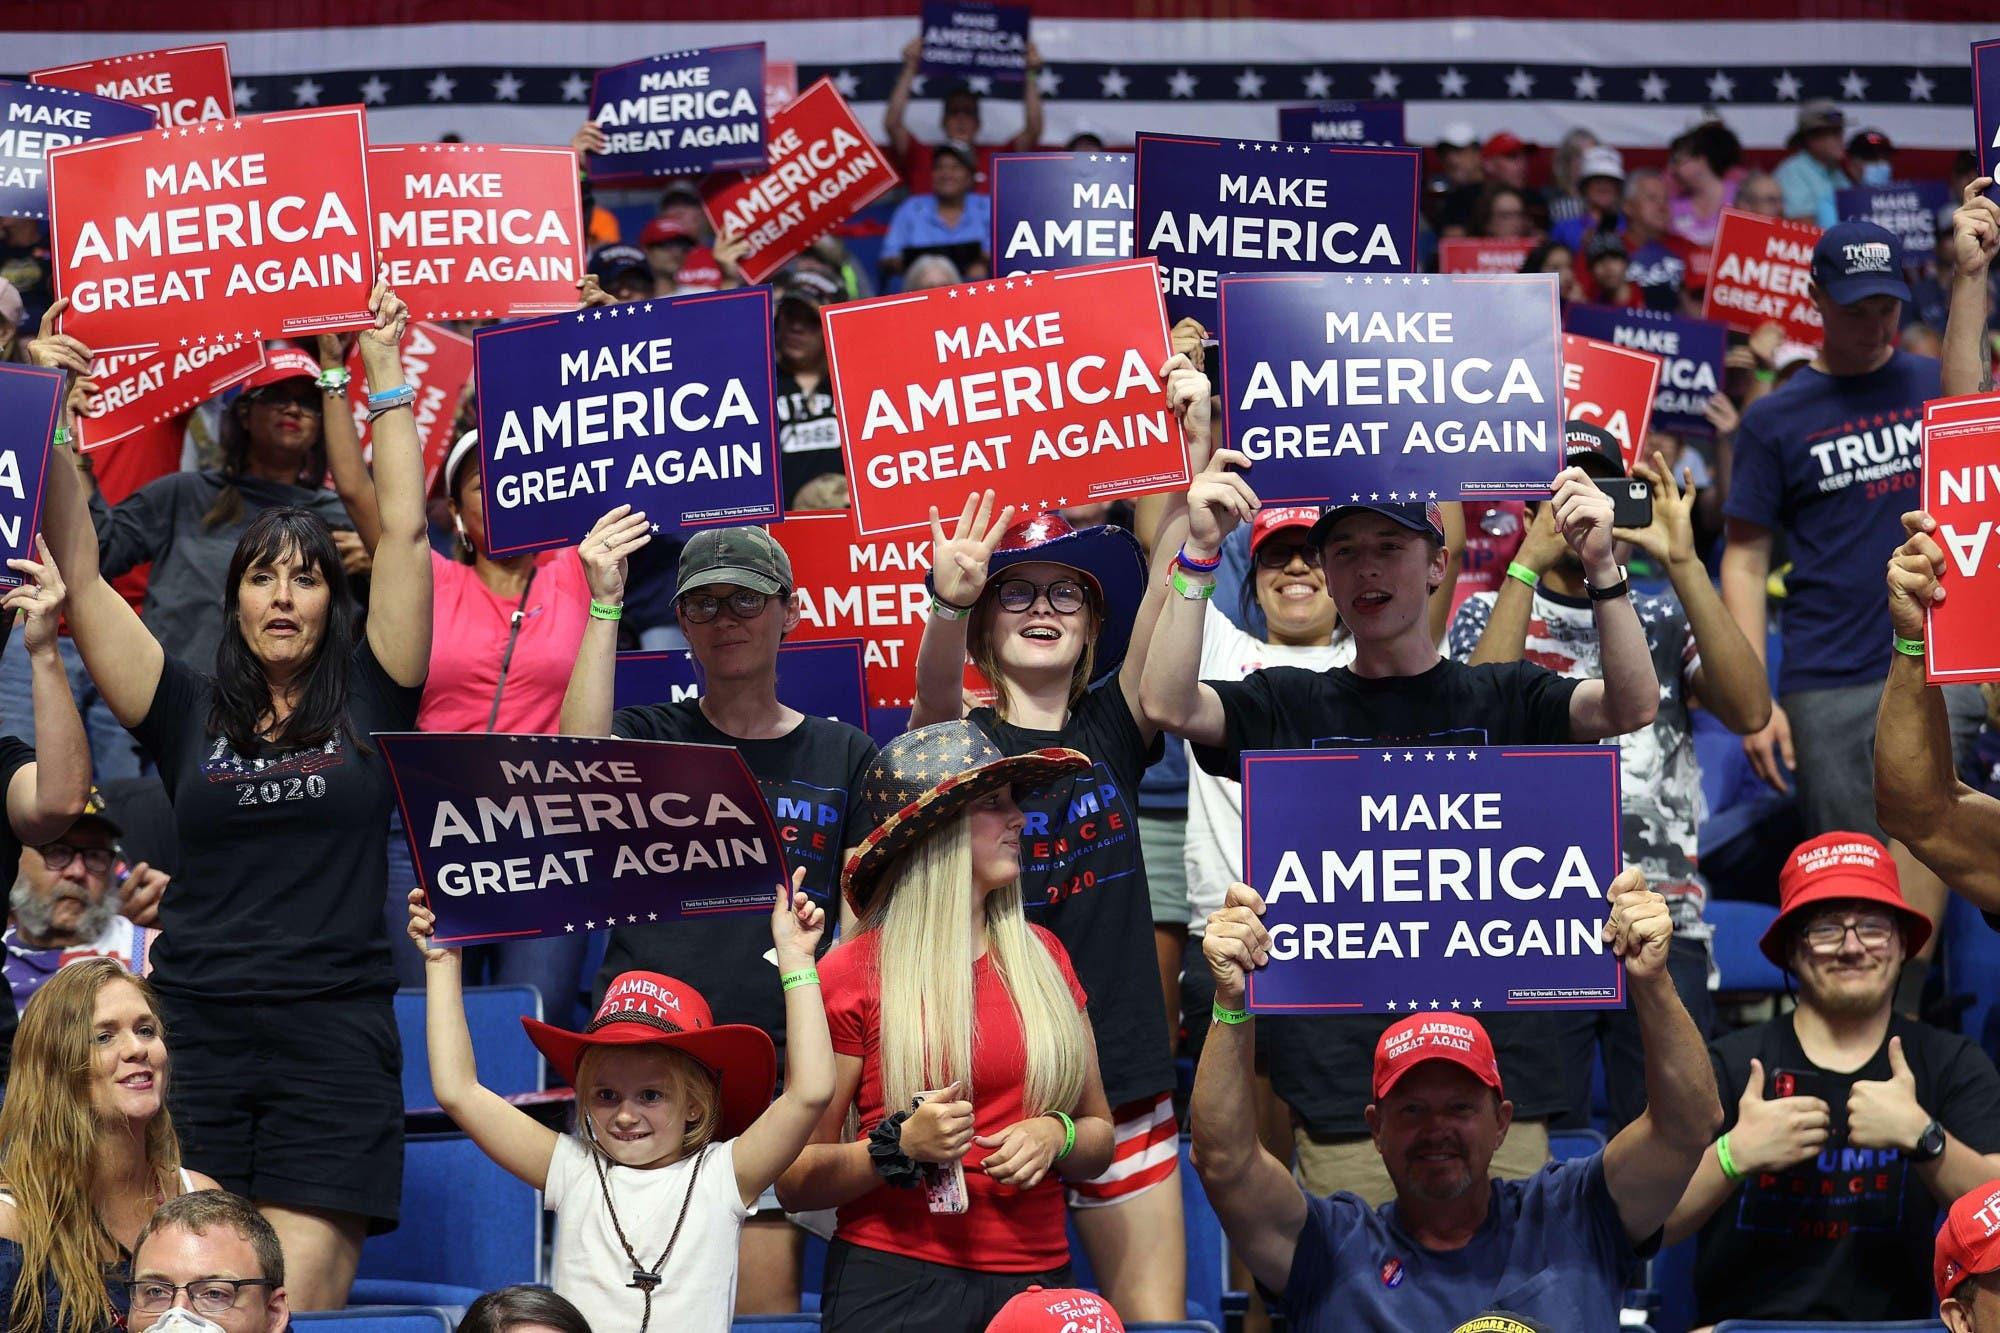 Trump busca darle impulso a la campaña con un polémico mitin